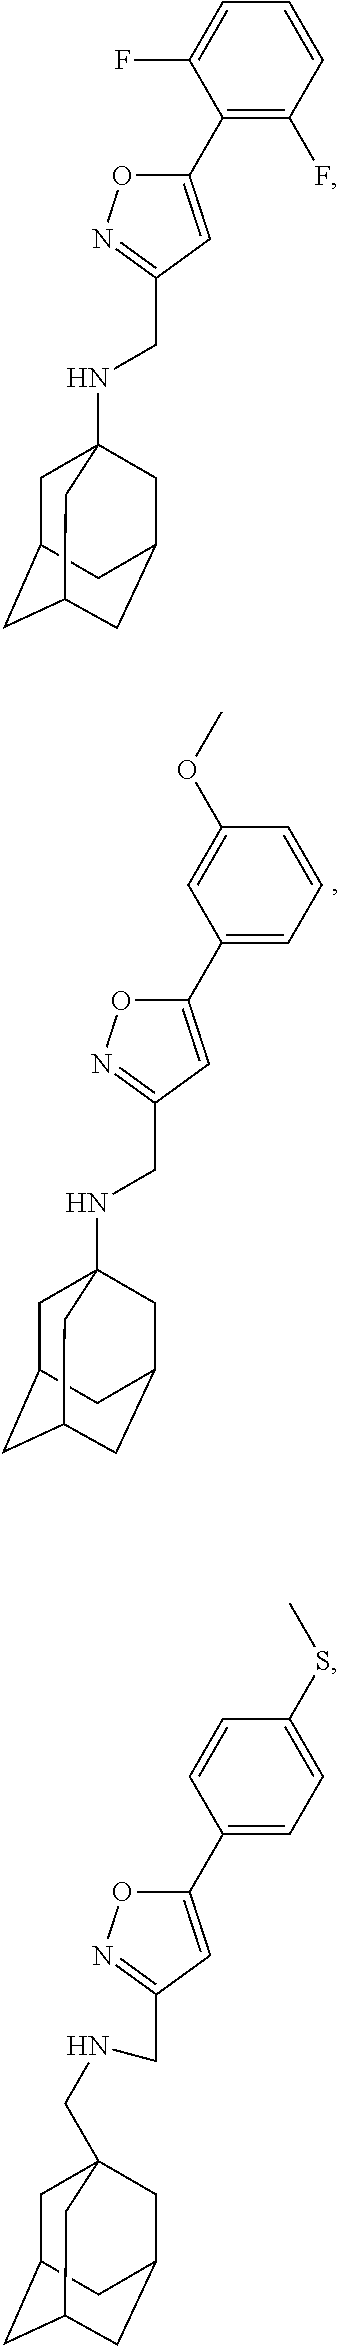 Figure US09884832-20180206-C00191